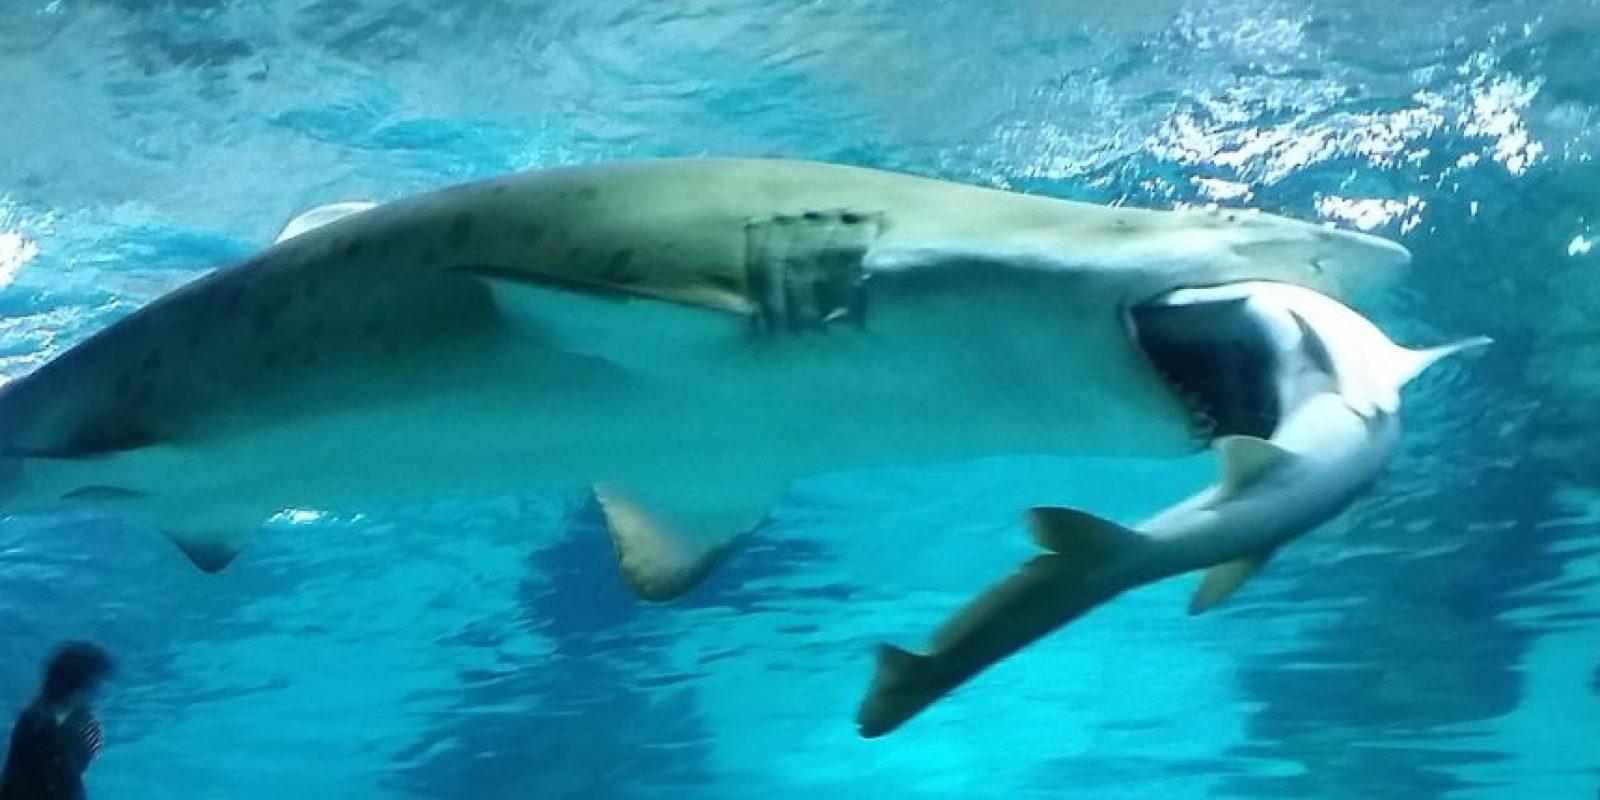 Algunas de las especies más grandes de tiburones son, de hecho, bastante inofensivos y prefieren las plantas. Foto:Getty Images